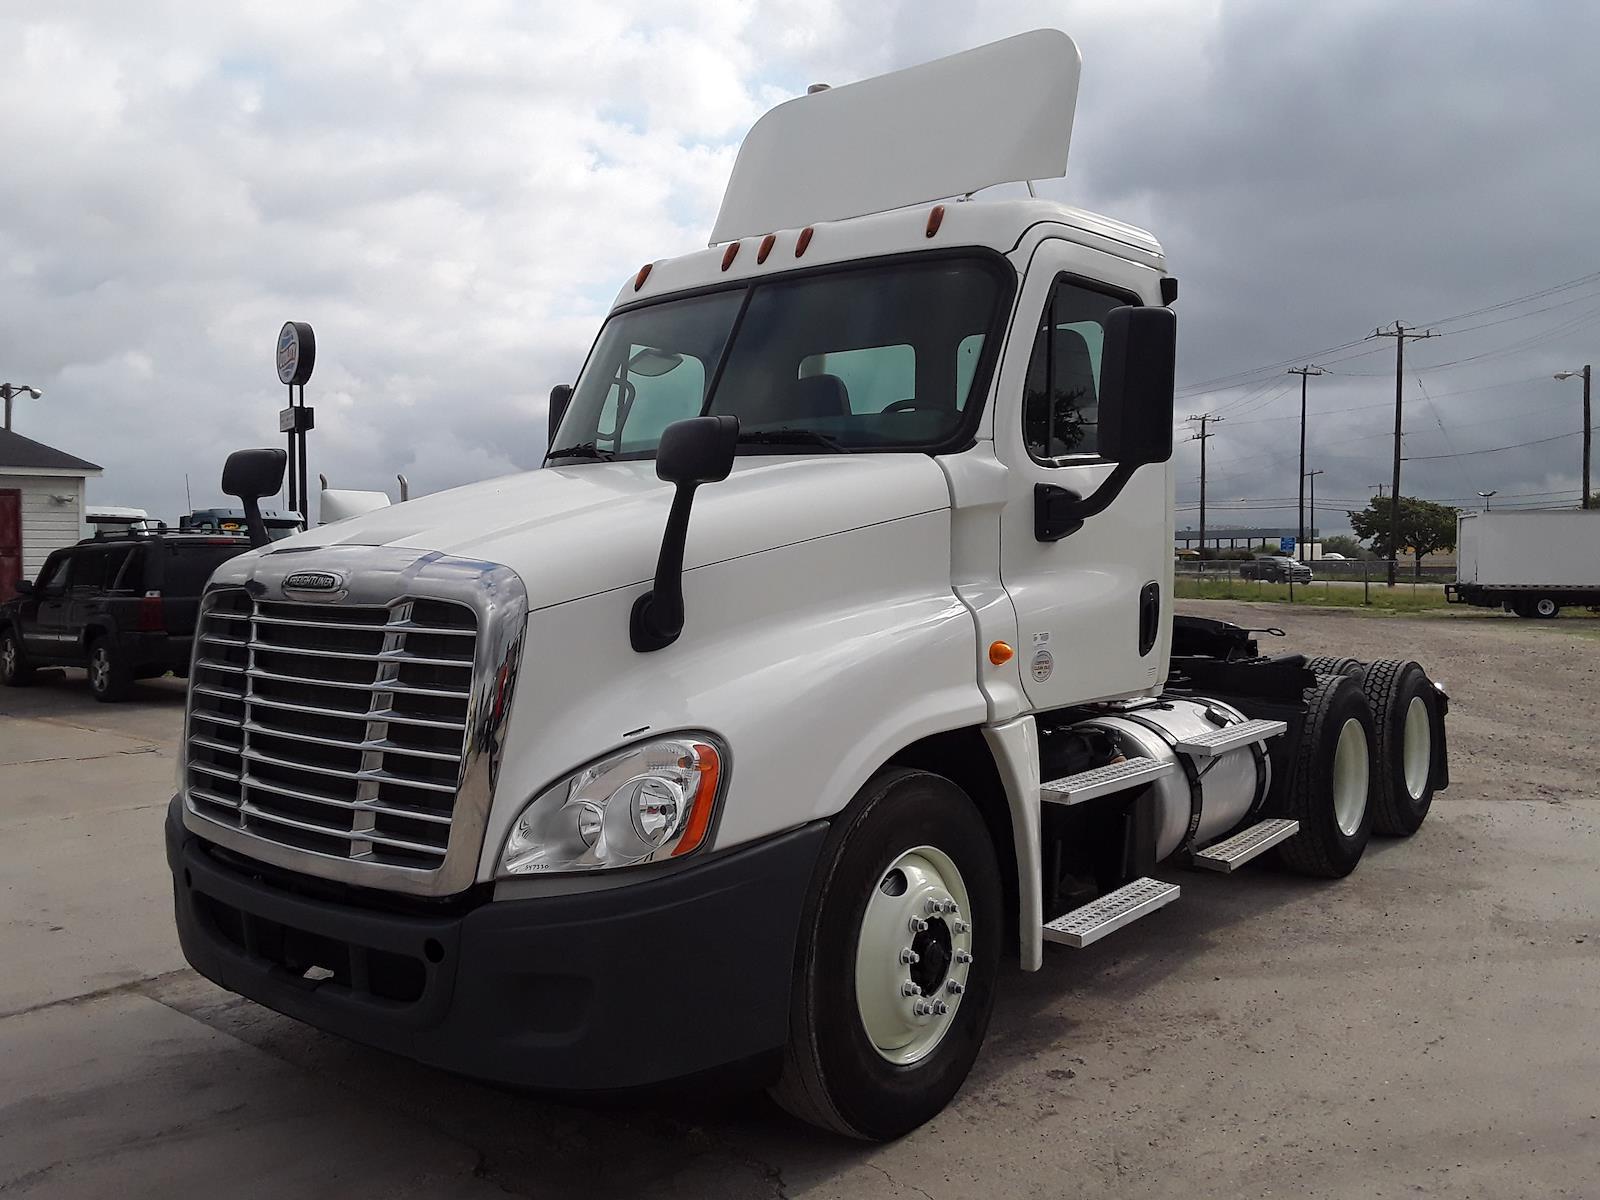 2014 Freightliner Truck 6x4, Tractor #547330 - photo 1